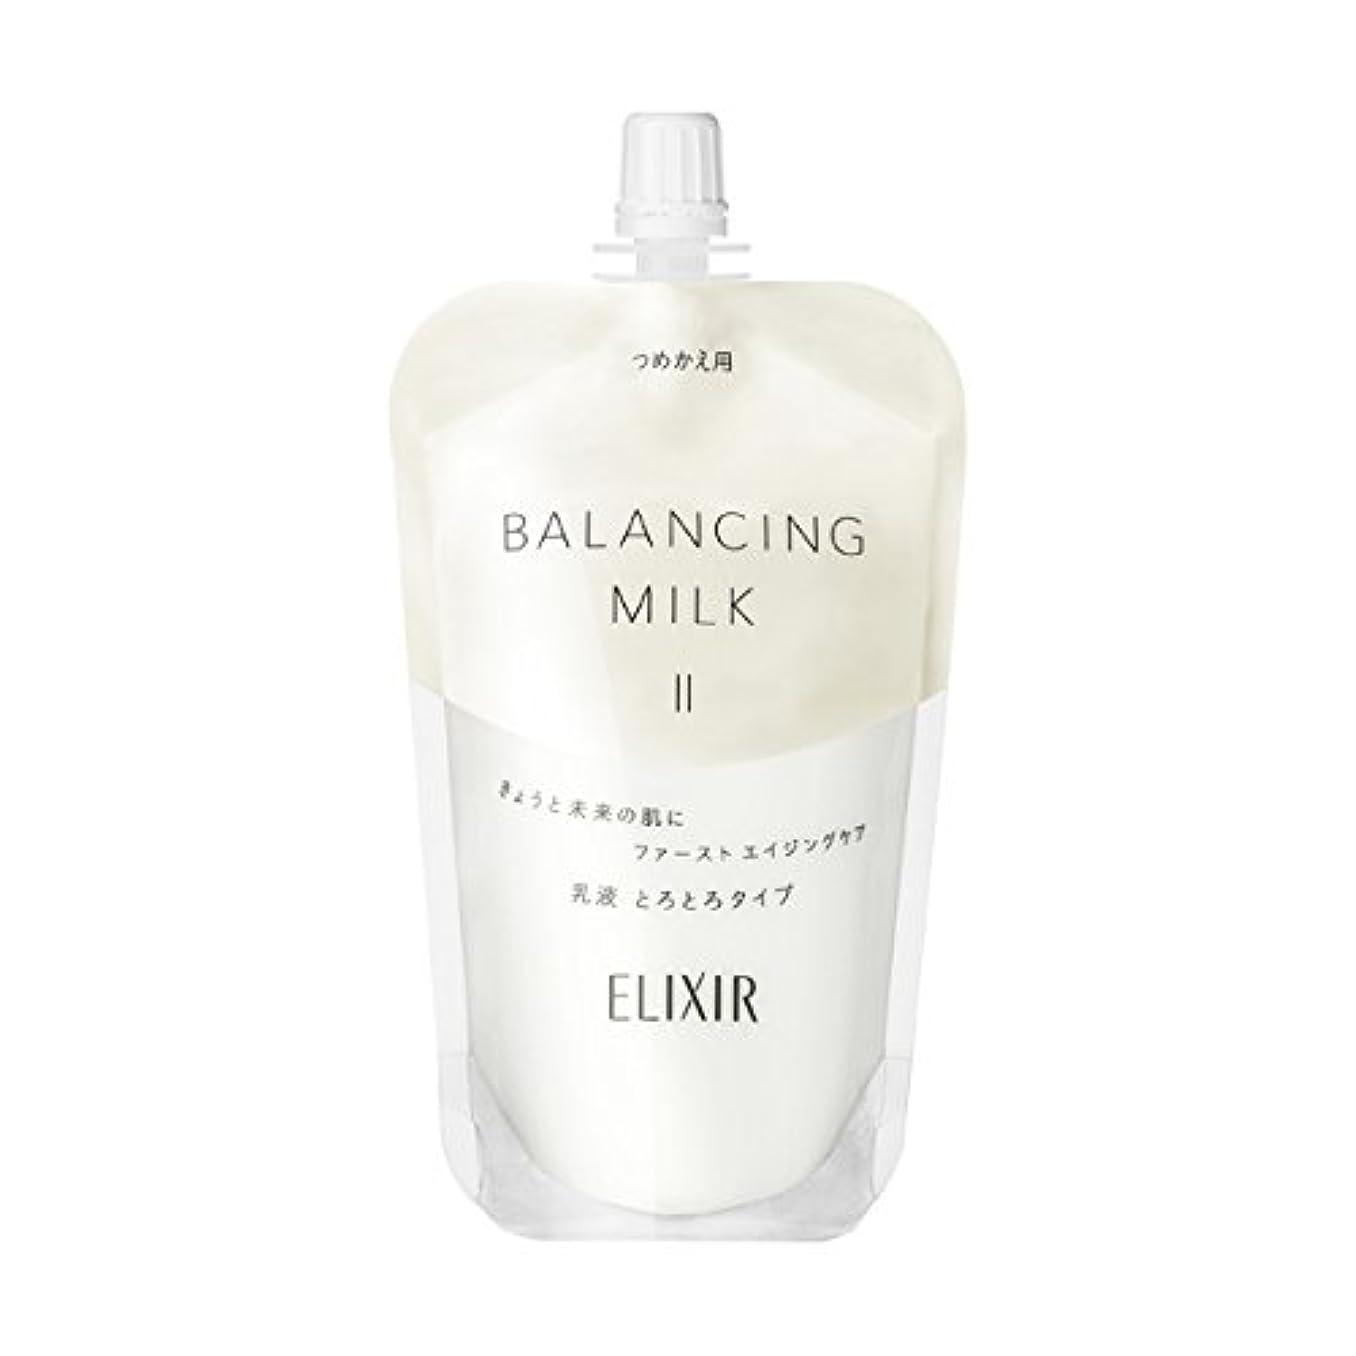 十代の若者たち感嘆符弱いエリクシール ルフレ バランシング ミルク 乳液 2 (とろとろタイプ) (つめかえ用) 110mL